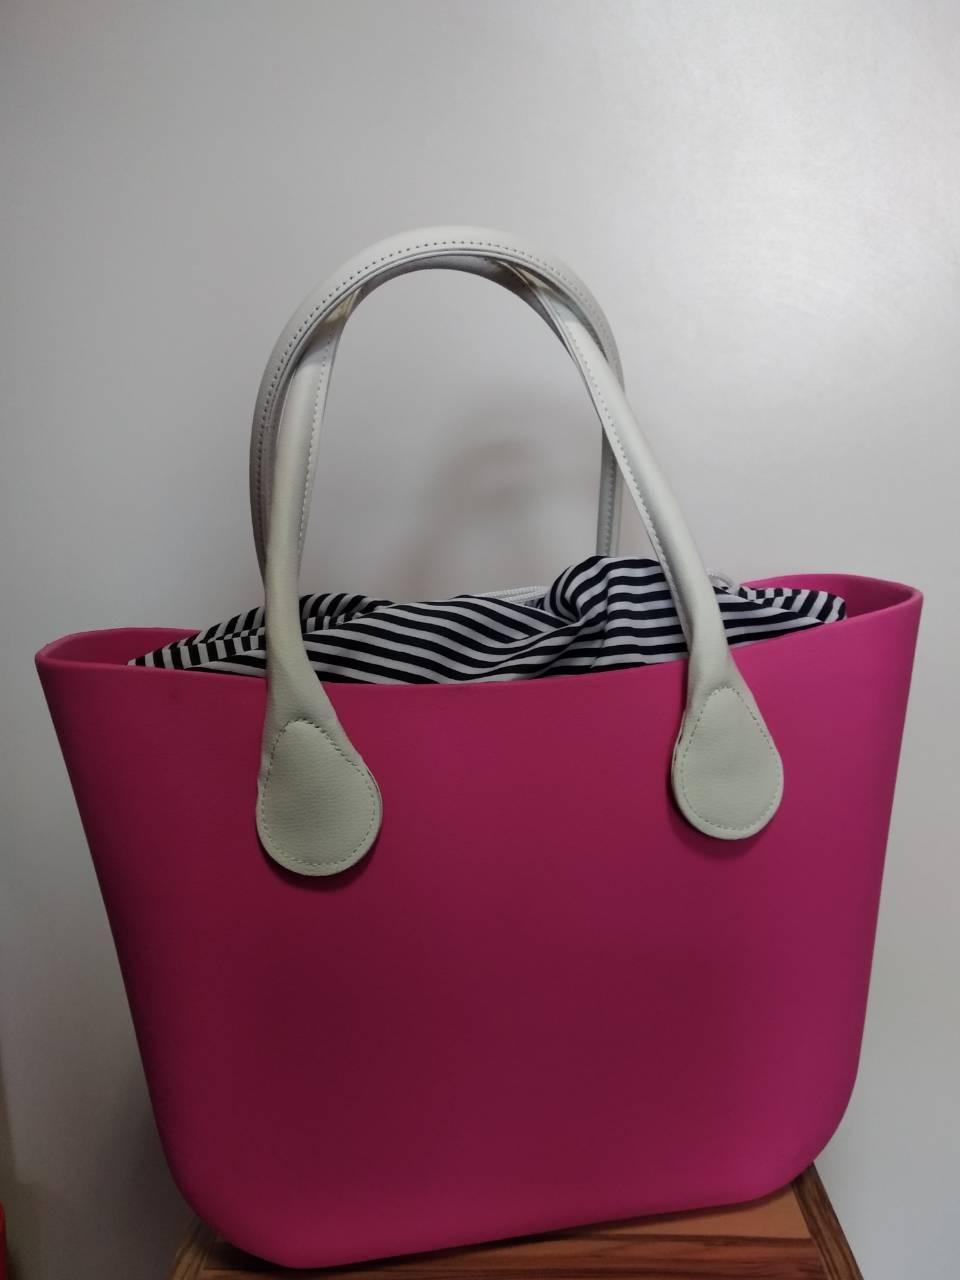 84d5912cb181 Сумка IQ bag Classik фуксия, цена 990 грн., купить в Днепре — Prom ...